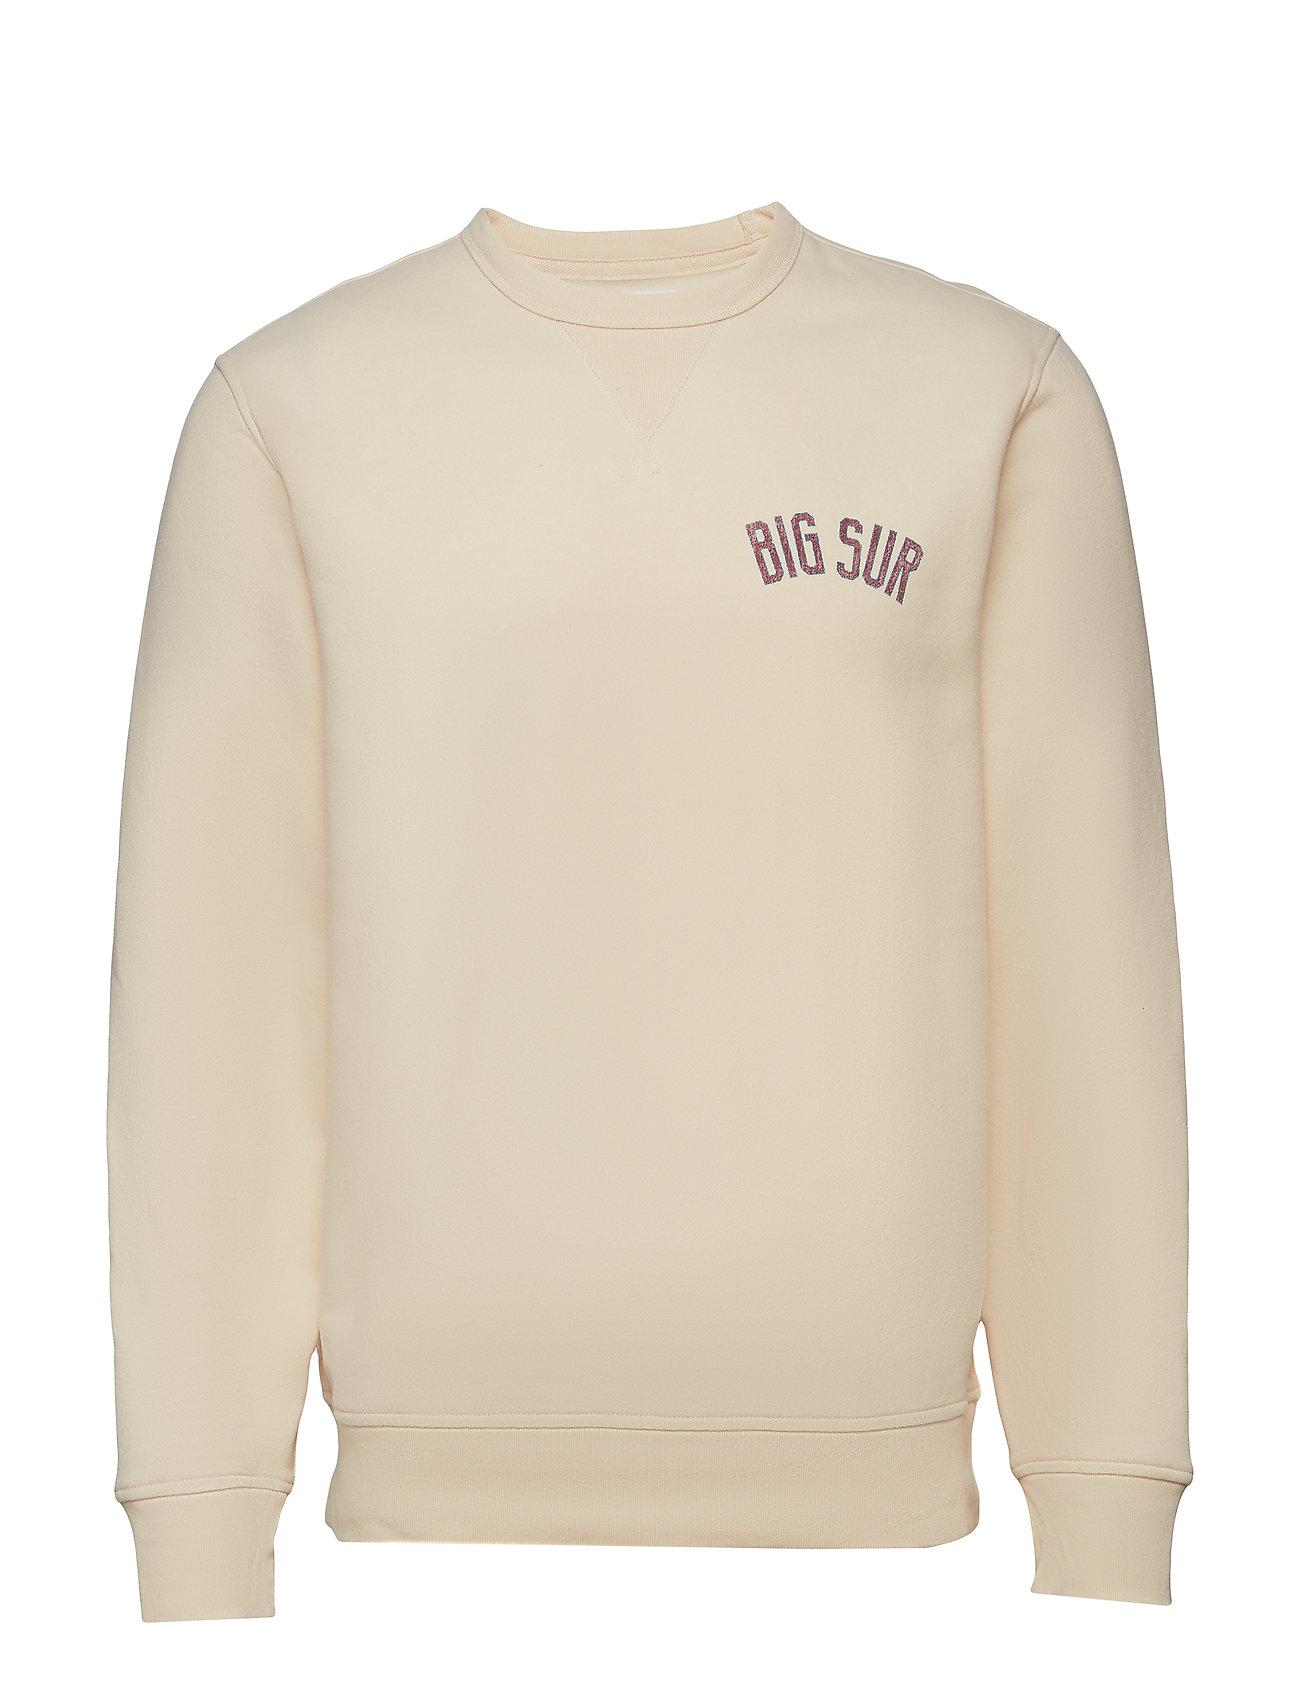 GAP Big Sur Crewneck Sweatshirt - UNBLEACHED WHITE